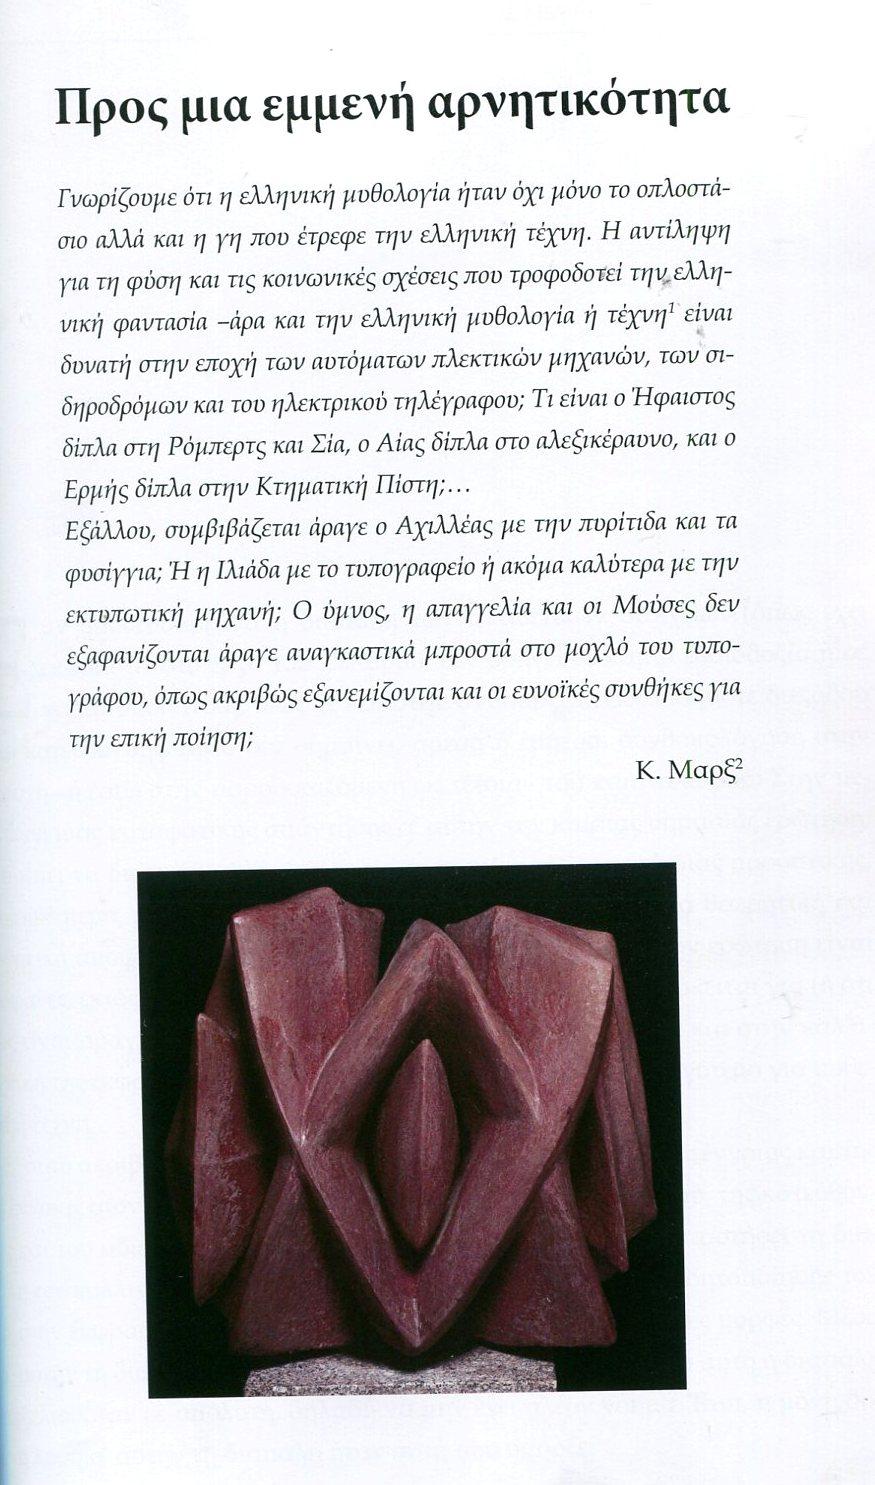 Γ. ΣΚΛΑΒΟΣ ΑΠΟ Β. ΦΙΟΡΑΒΑΝΤΕ4